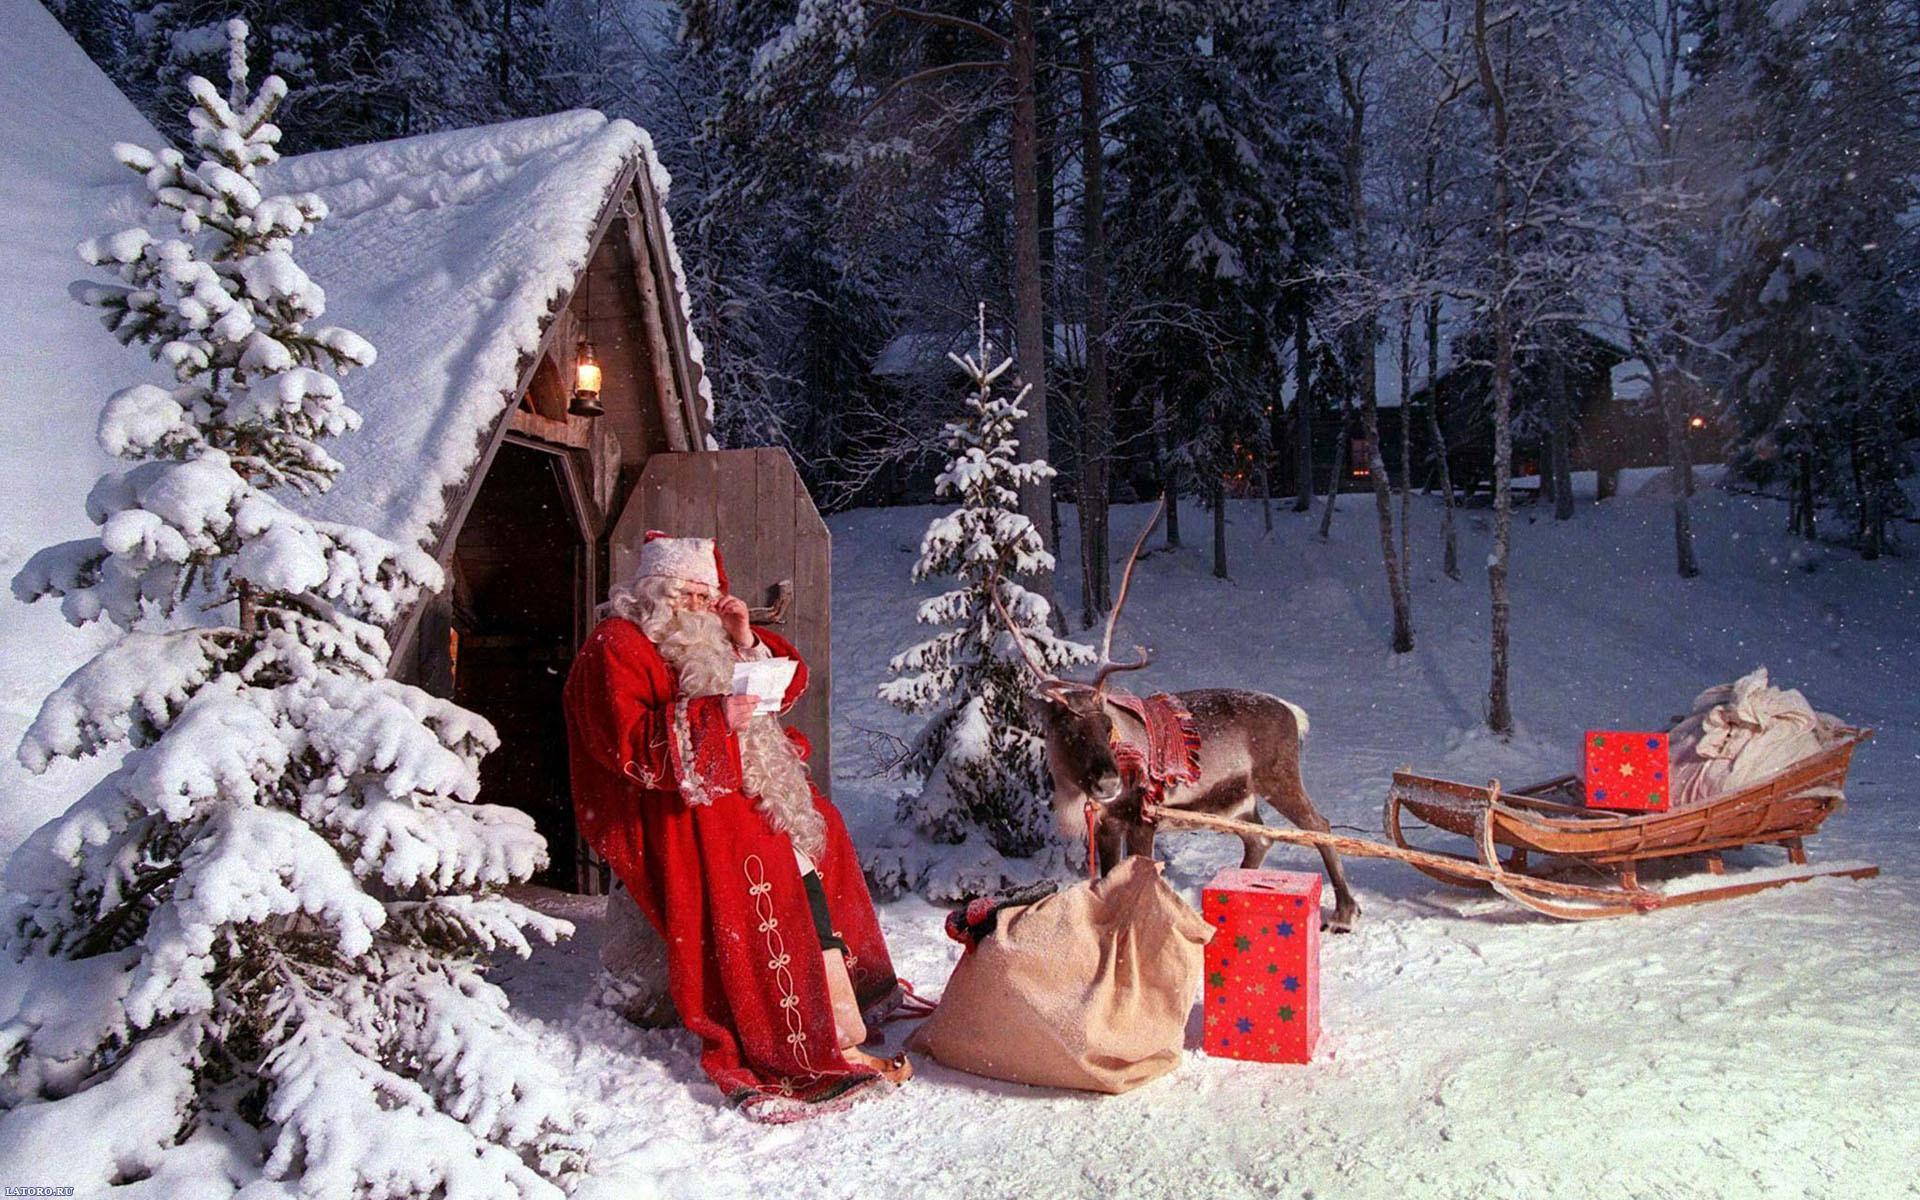 Sfondi Babbo Natale.Sfondo Casa Di Babbo Natale Sfondi Hd Gratis